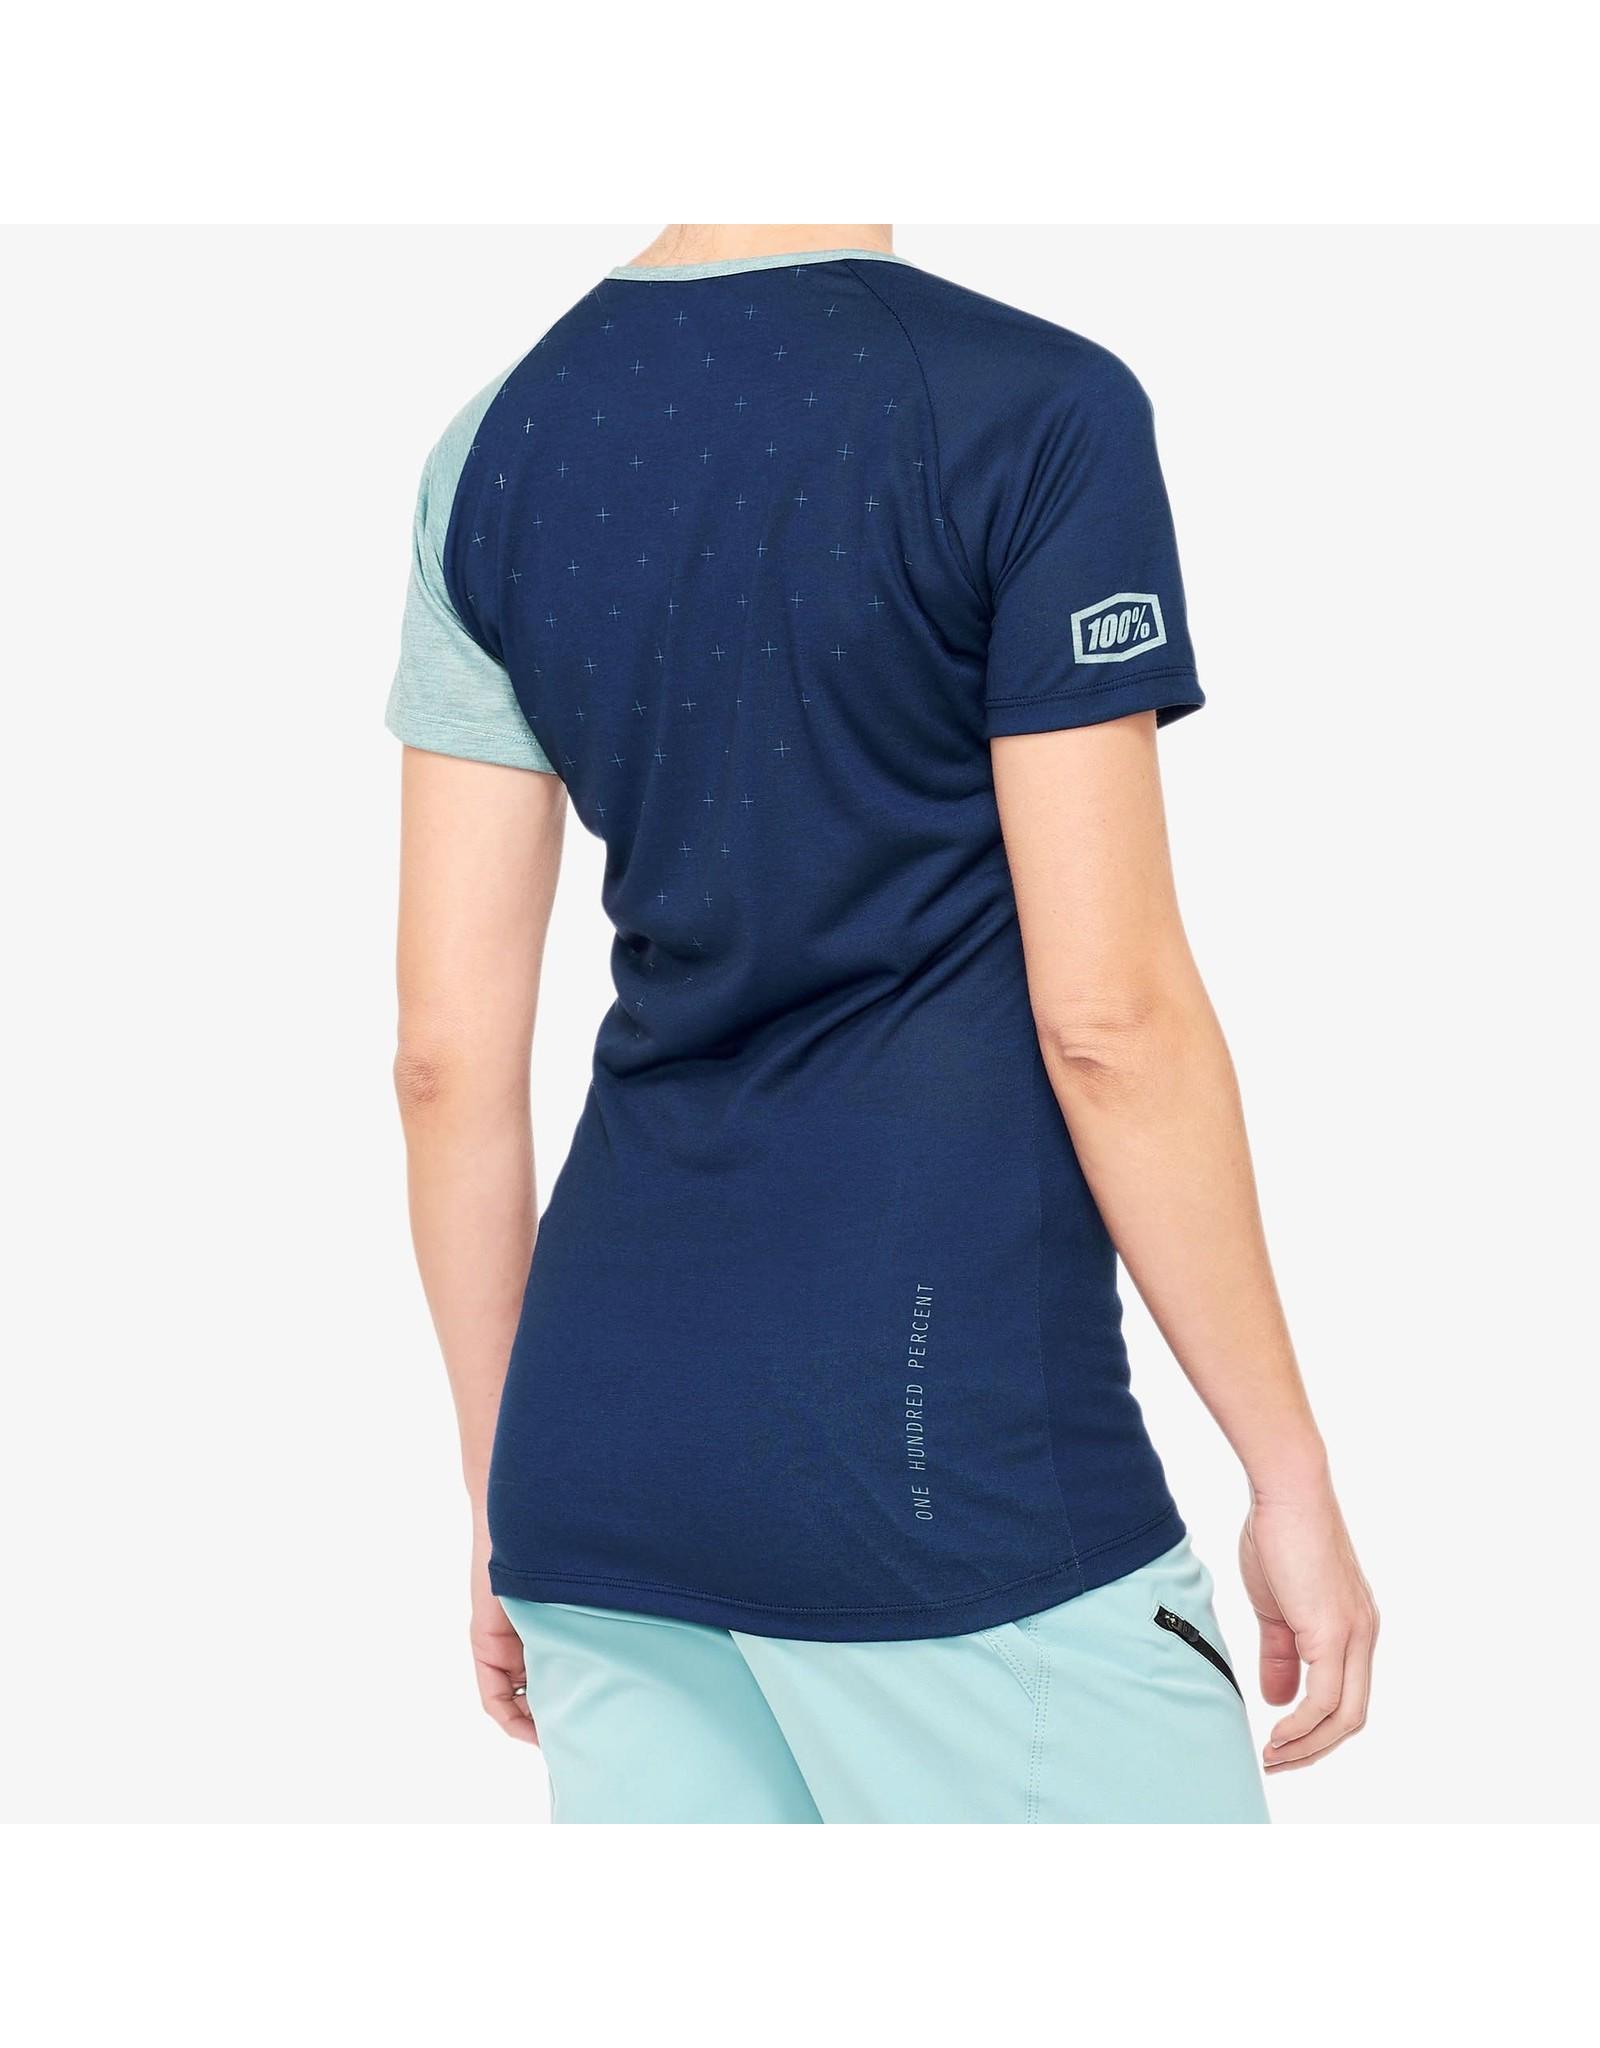 100% 100% - AIRMATIC Women's Jersey Navy/Seafoam - L